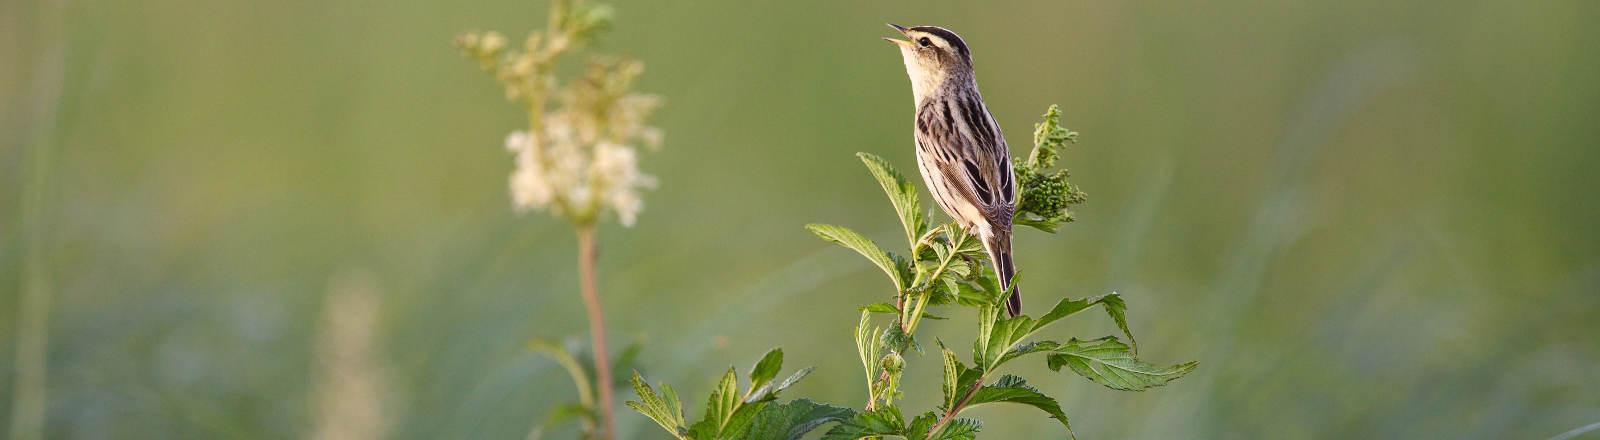 Der Vogel Seggenrohrsänger